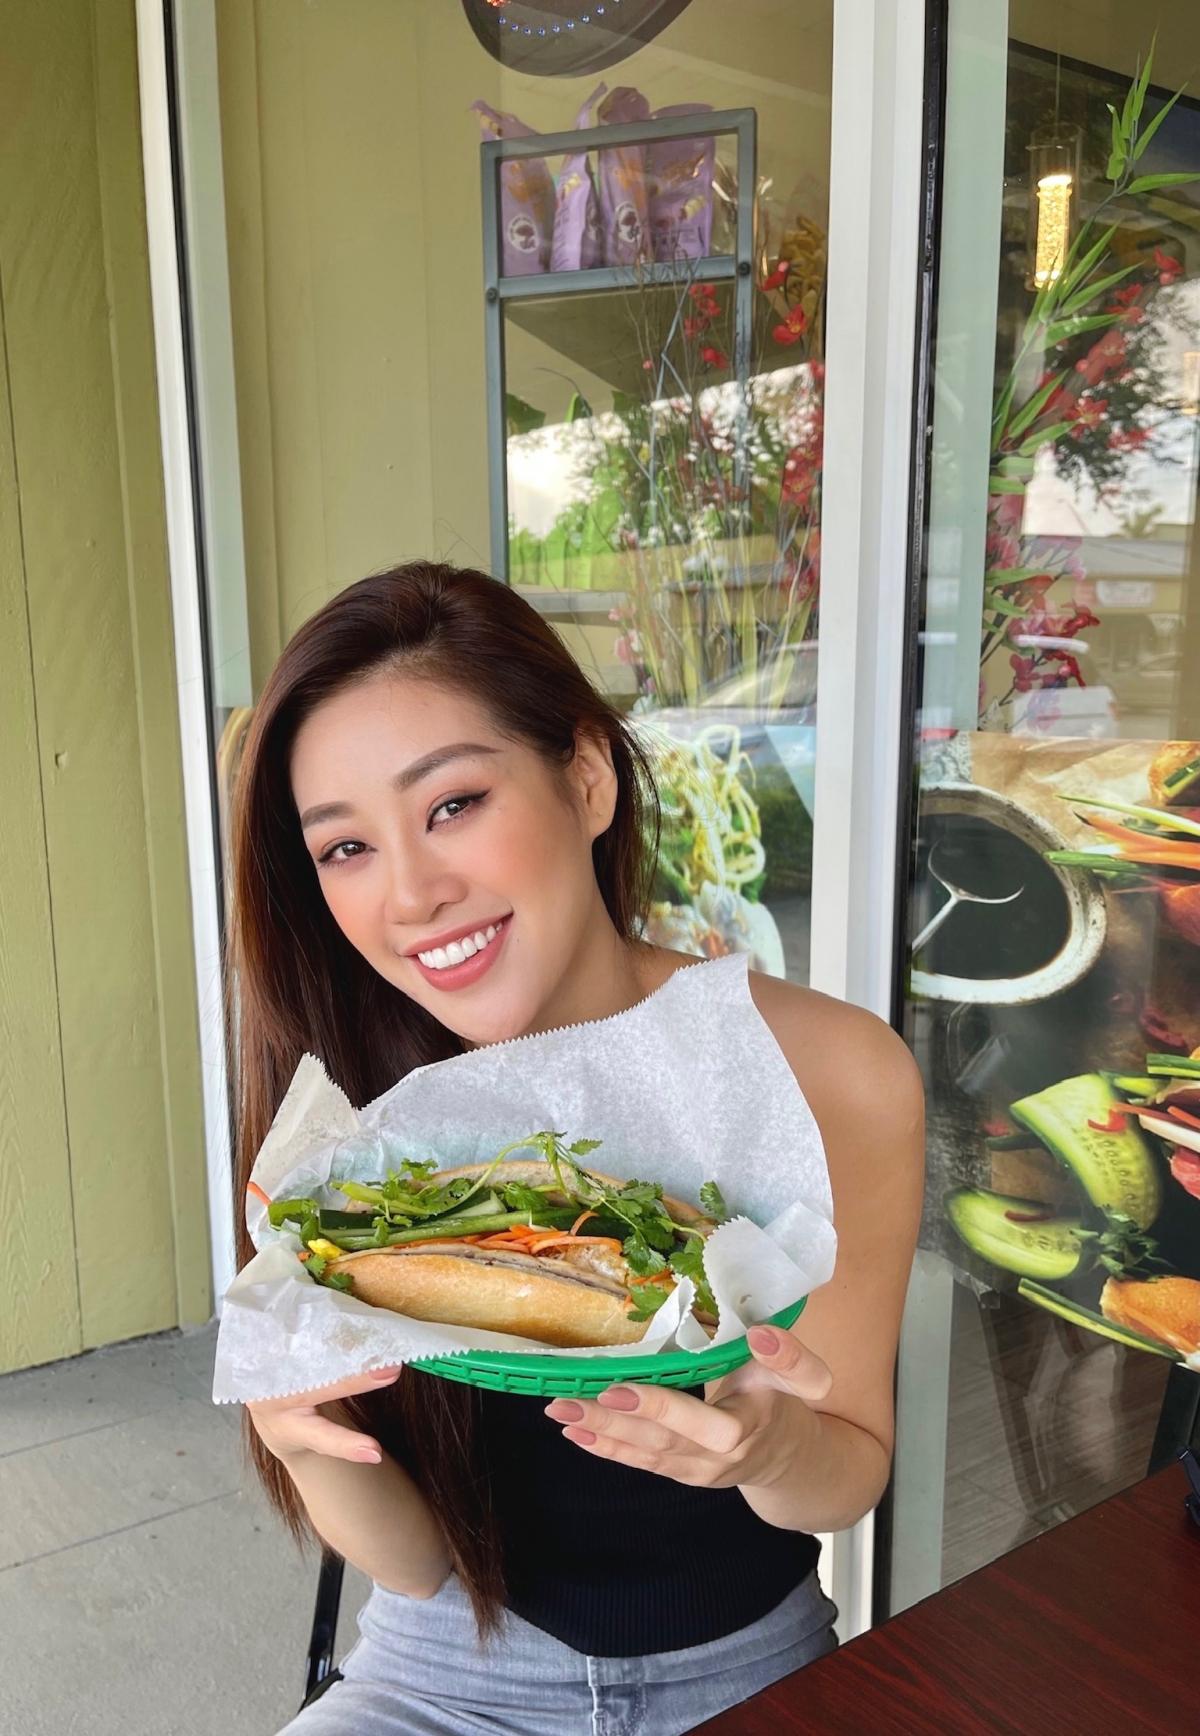 Khánh Vân còn được thưởng thức bánh mì Việt Nam tại Mỹ và vô cùng xúc động khi được ăn món ăn quen thuộc của quê nhà.